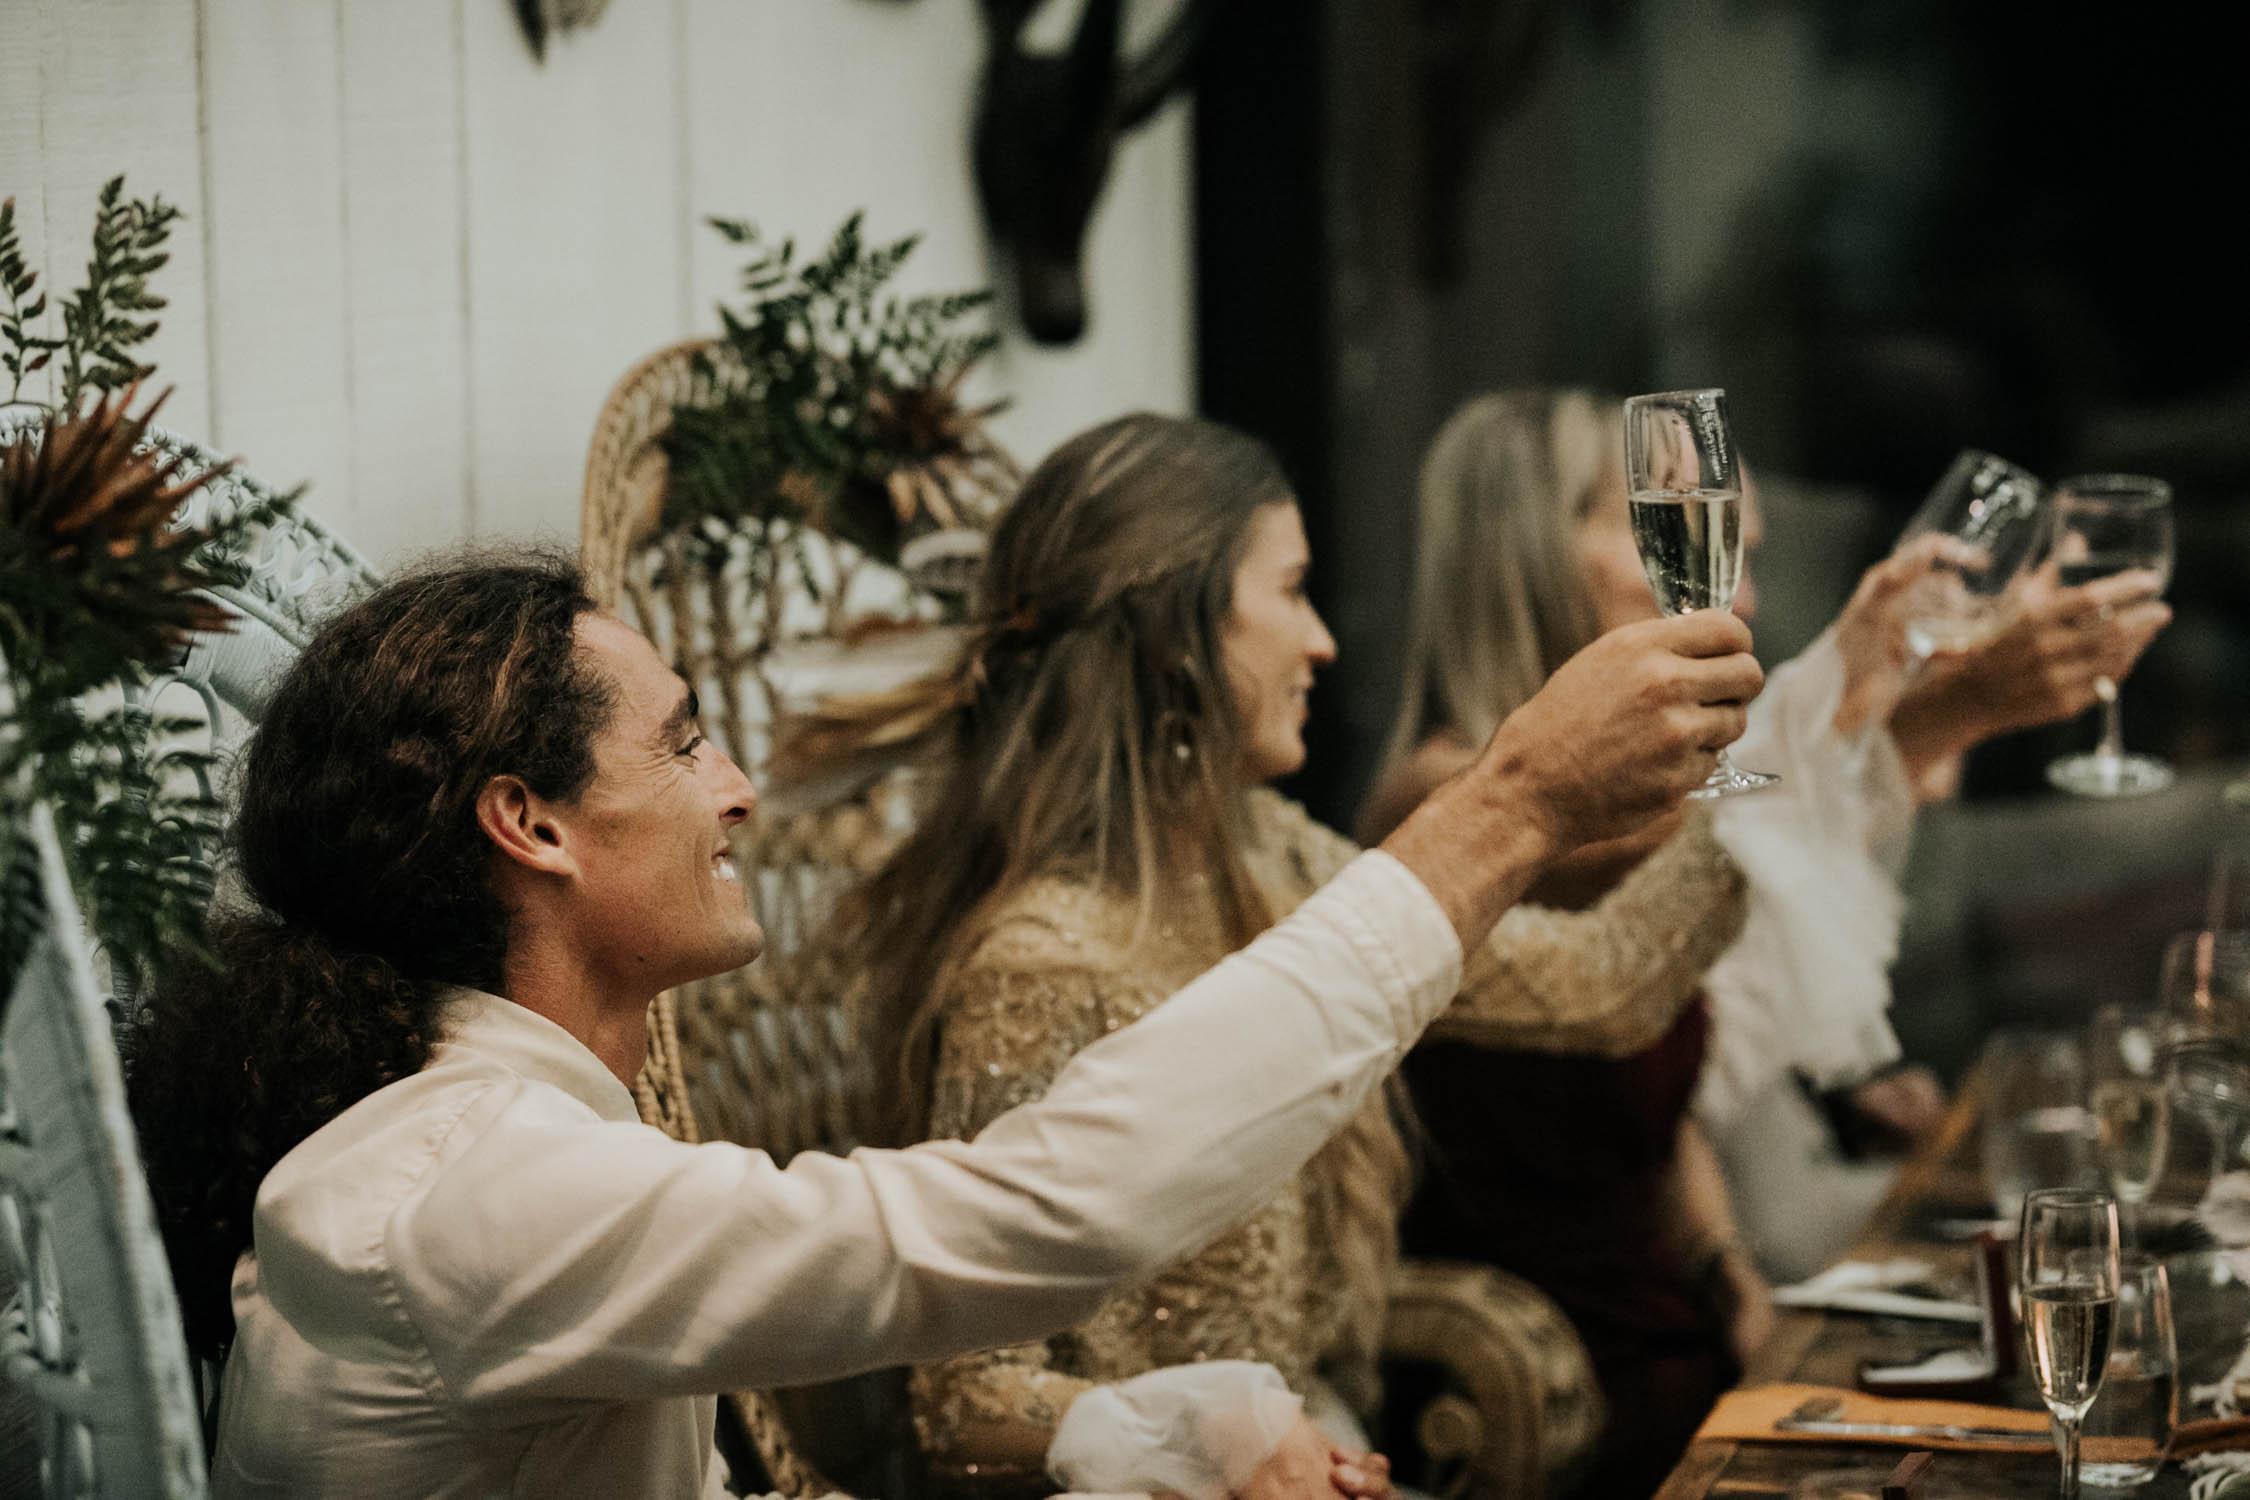 Toast during boho wedding reception